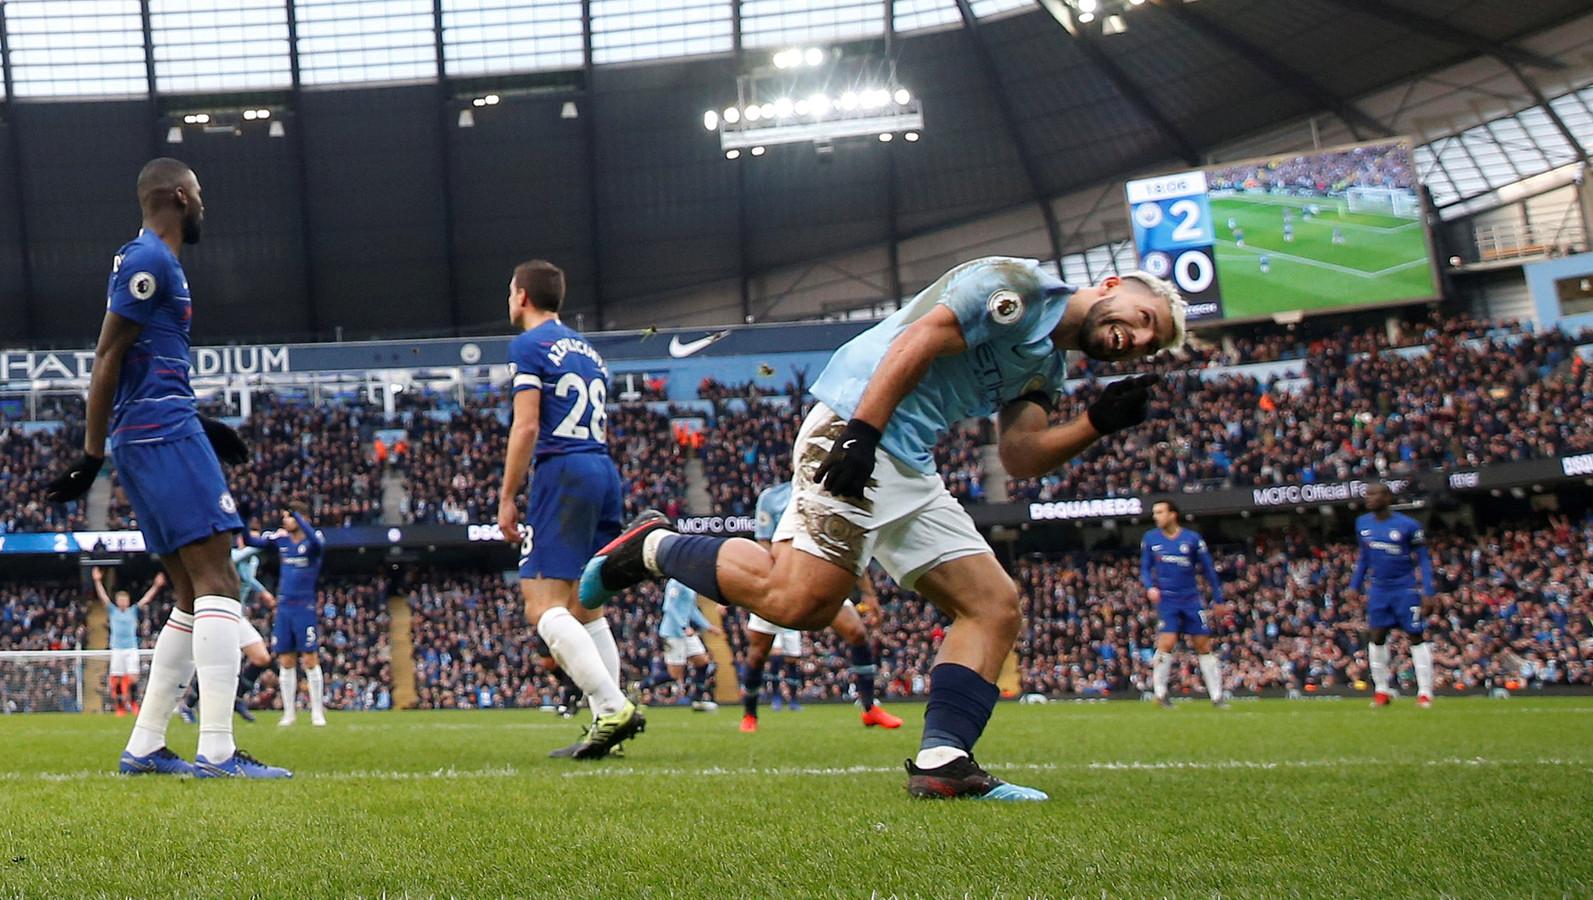 Op 10 februari won Manchester City met 6-0 van Chelsea. Na 25 minuten stond het toen al 4-0. Zaterdagavond staan de clubs opnieuw tegenover elkaar in het Etihad Stadium.